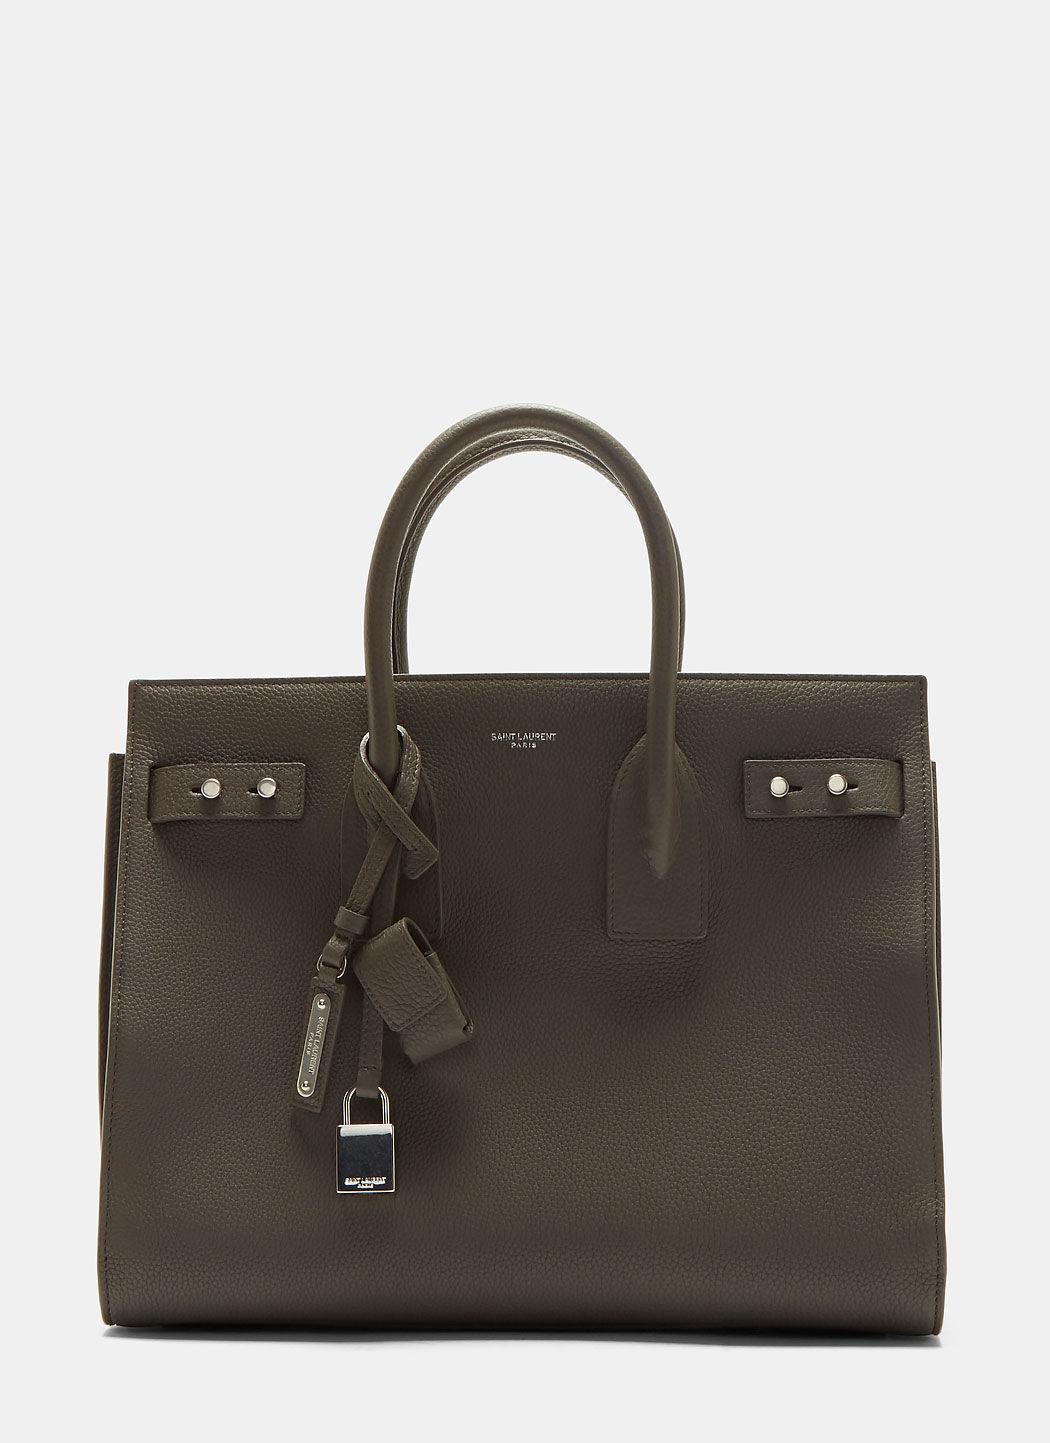 Saint Laurent Small Sac De Jour Souple Handbag In Grey